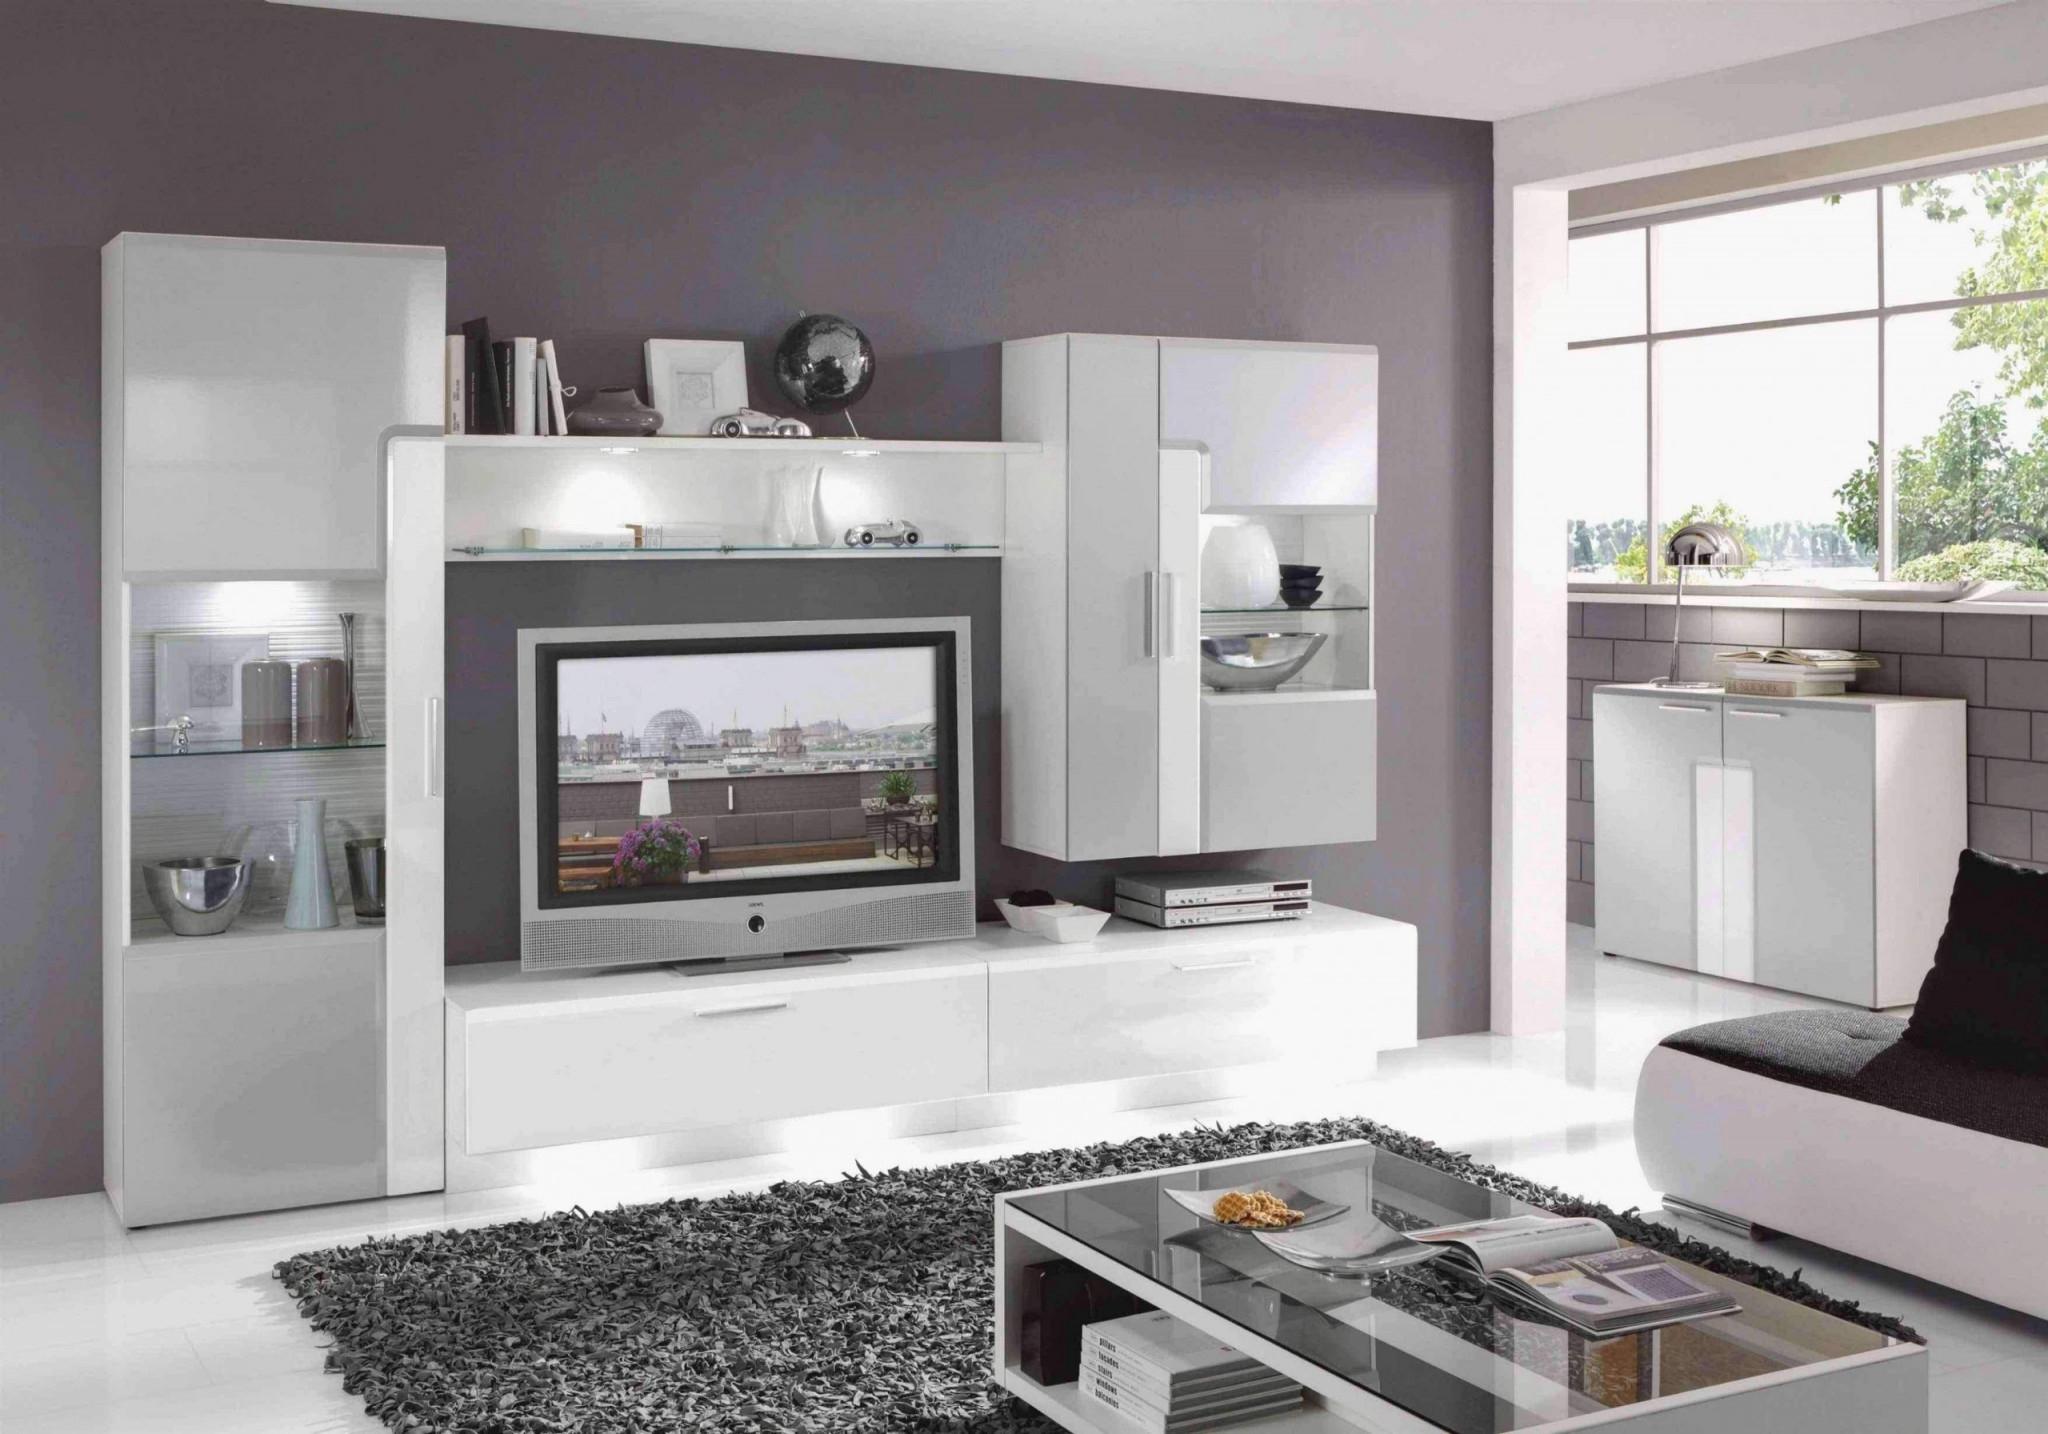 Graue Wandfarbe Wohnzimmer Genial Wohnzimmer Ideen Farbe von Wohnzimmer Ideen Grau Photo